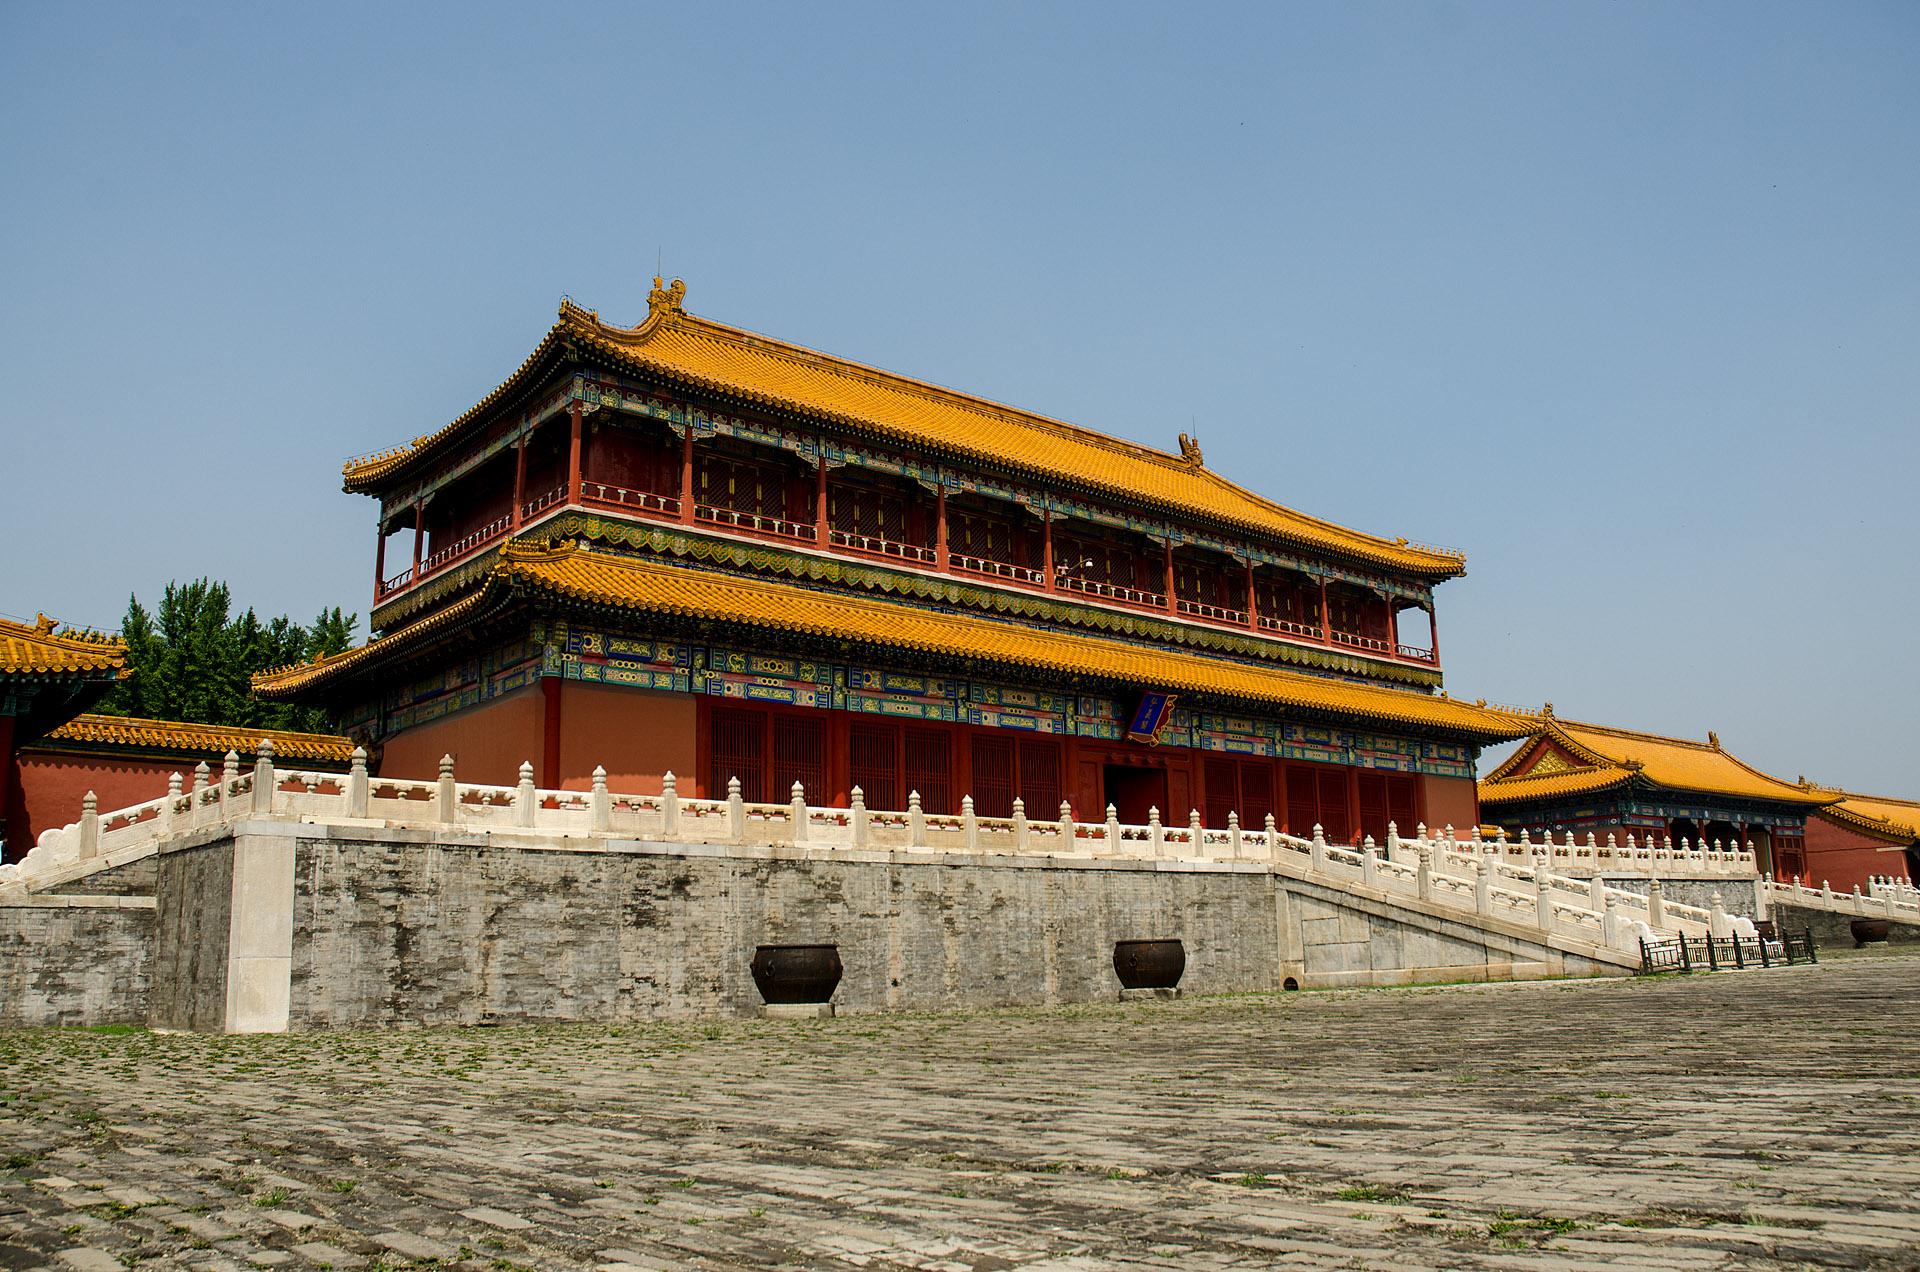 Hong Yi Pavillion